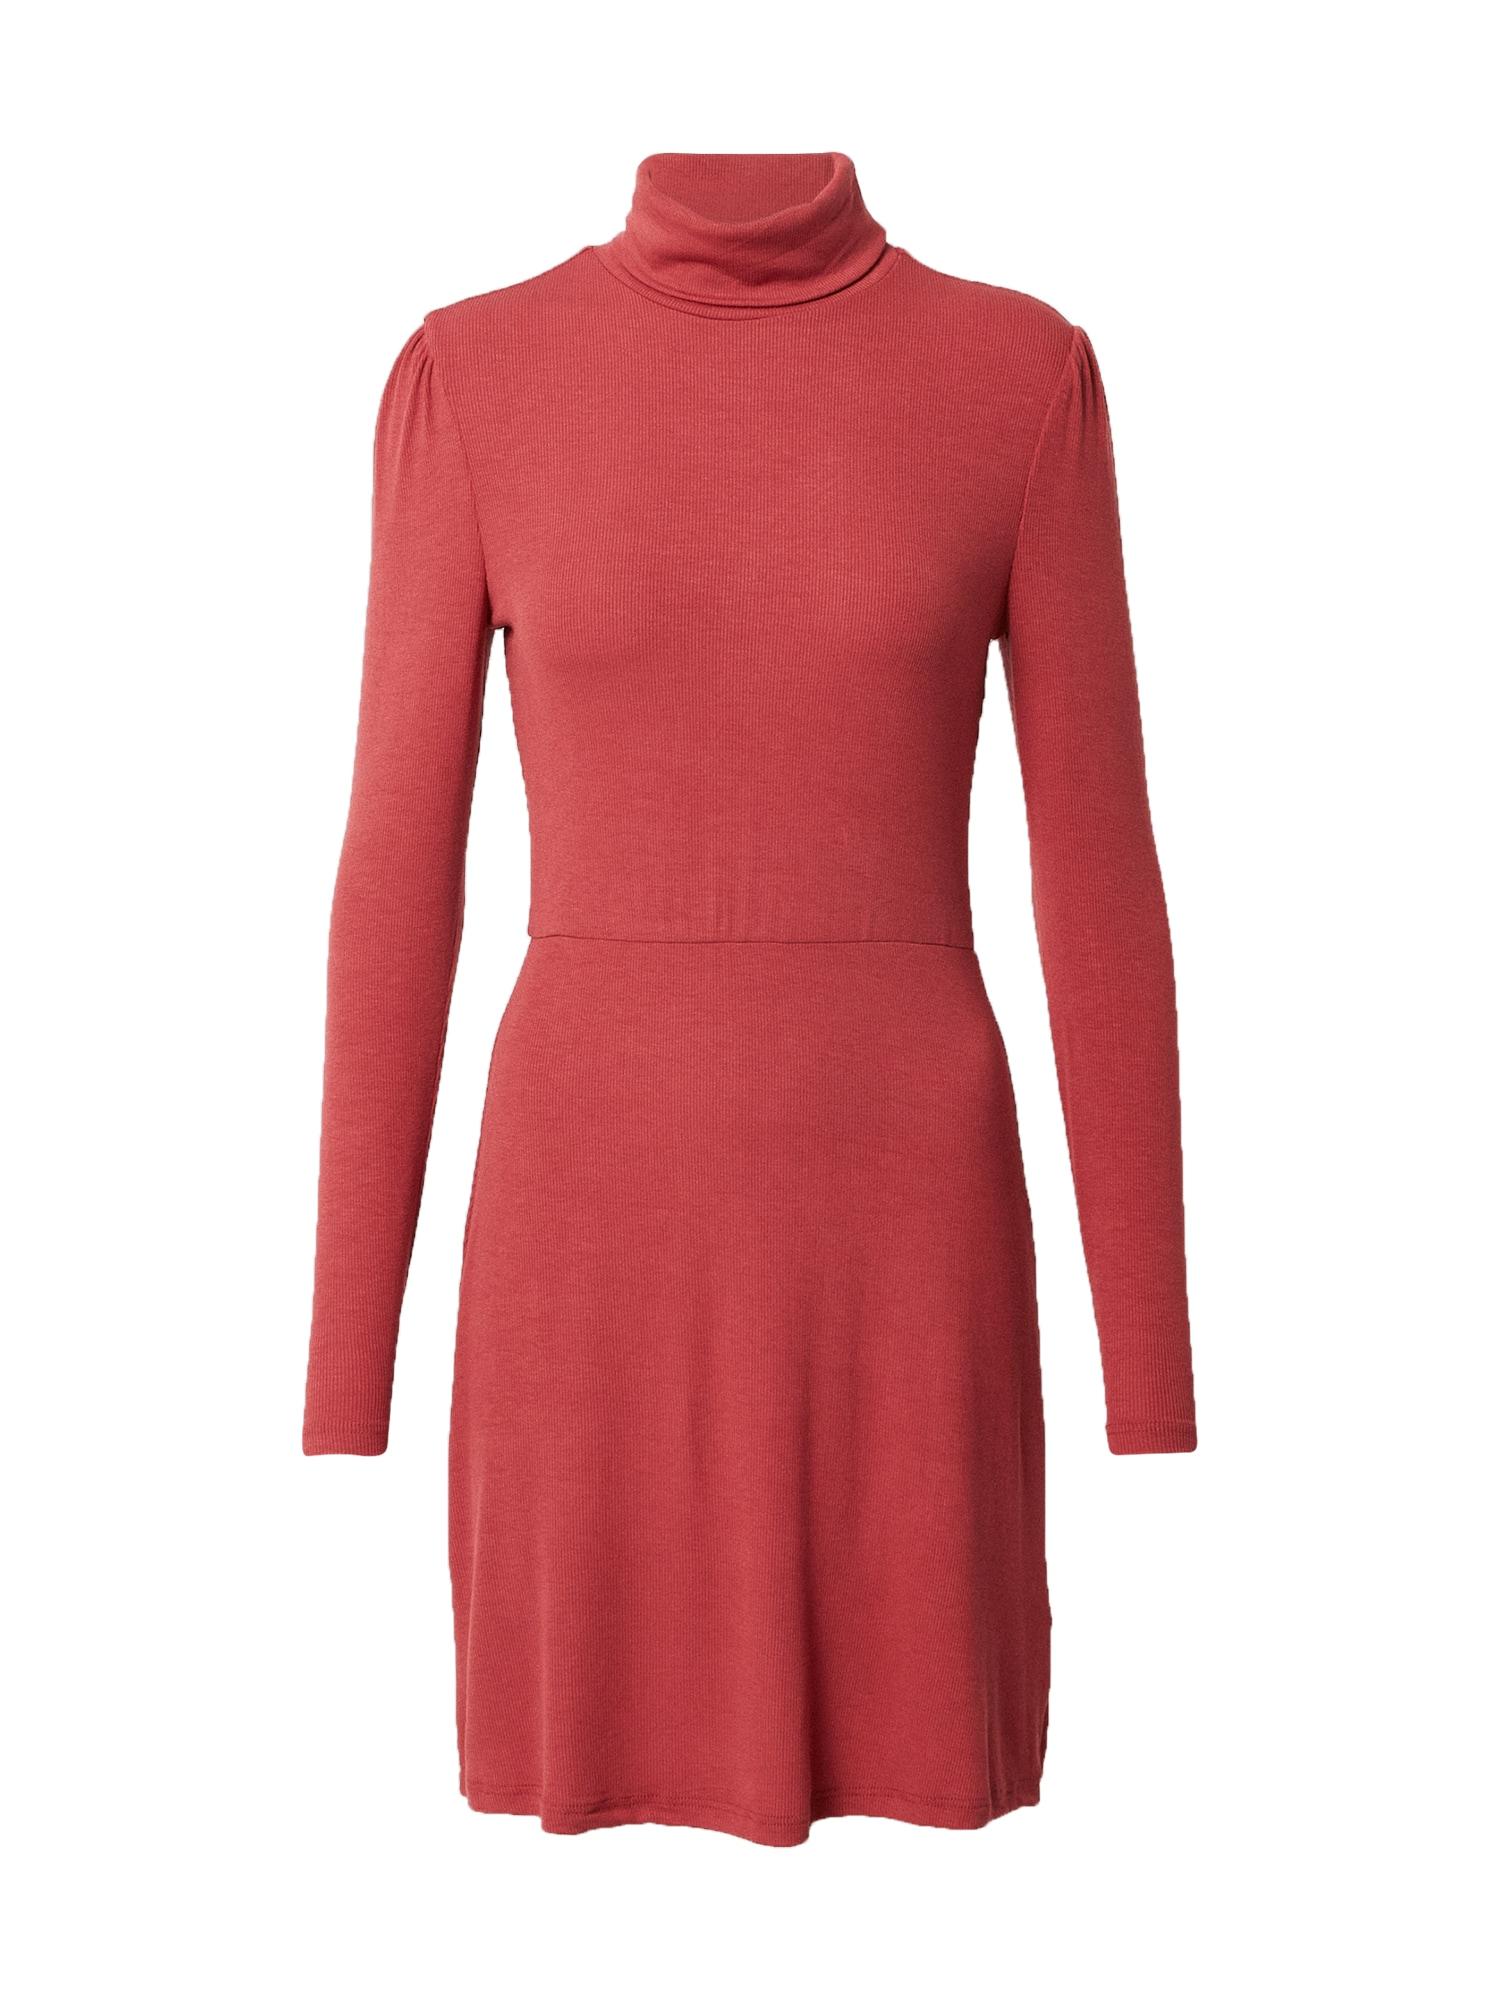 GLAMOROUS Suknelė oranžinė-raudona